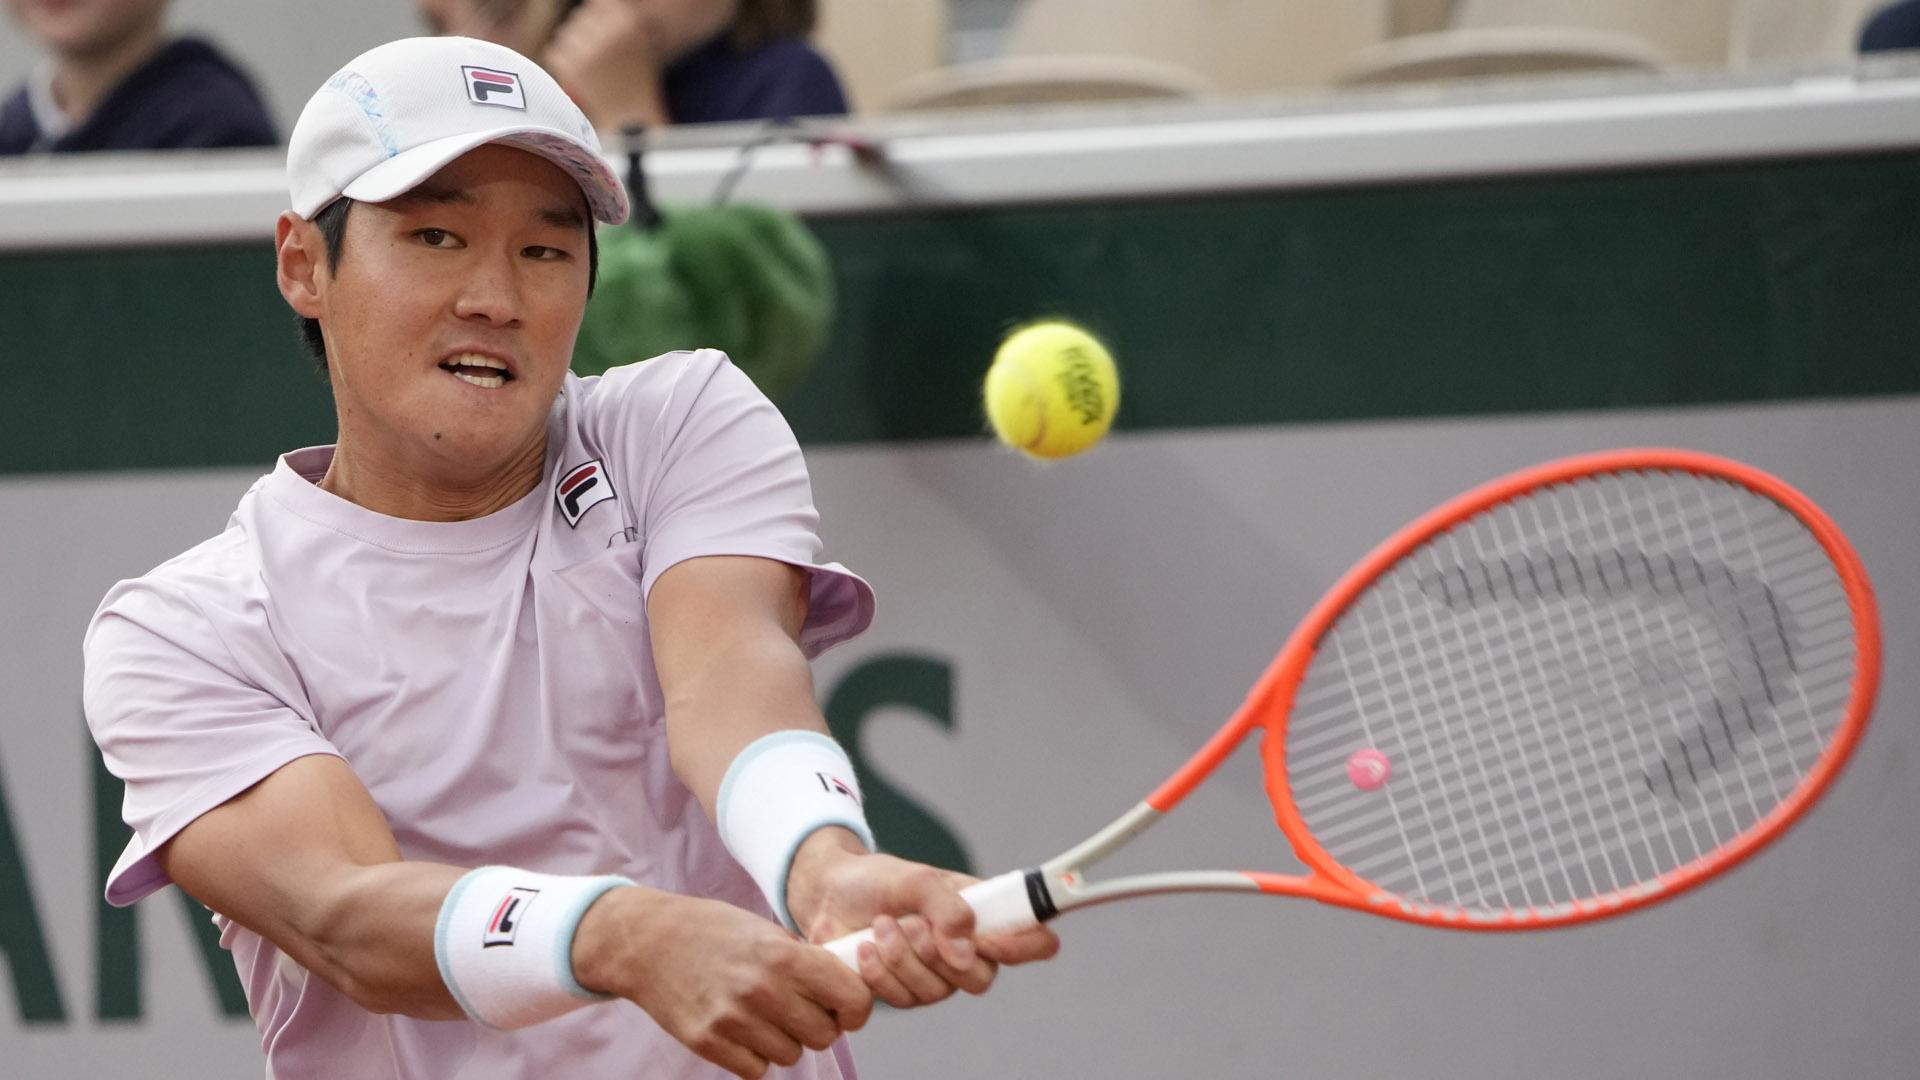 권순우, 한국 선수로 13년 만에 올림픽 테니스 경기 출전